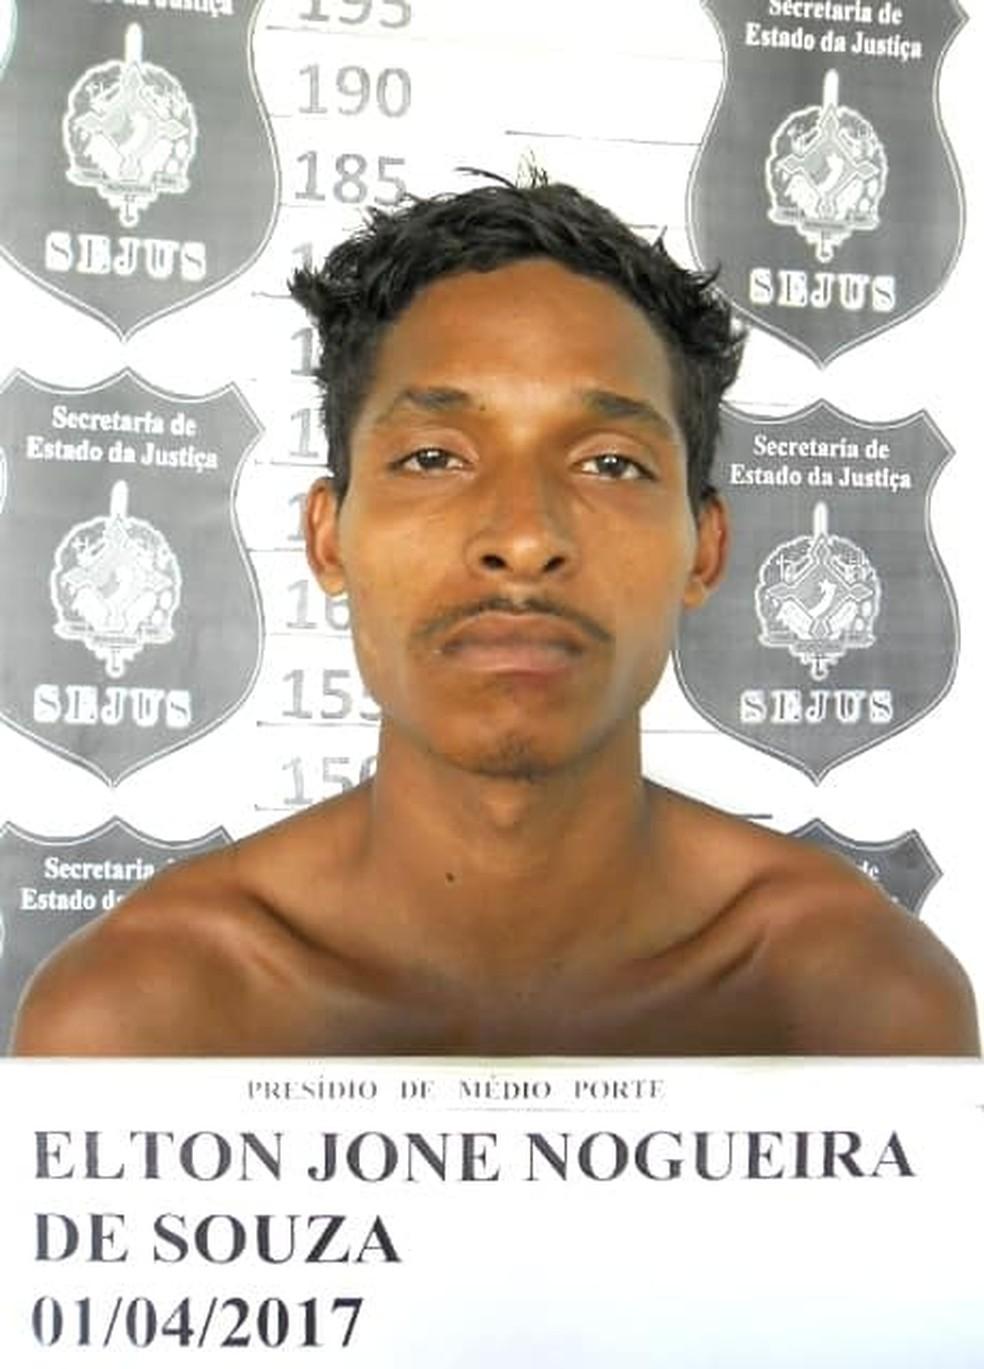 Elton Jone Nogueira de Souza — Foto: Aspra/Divulgação